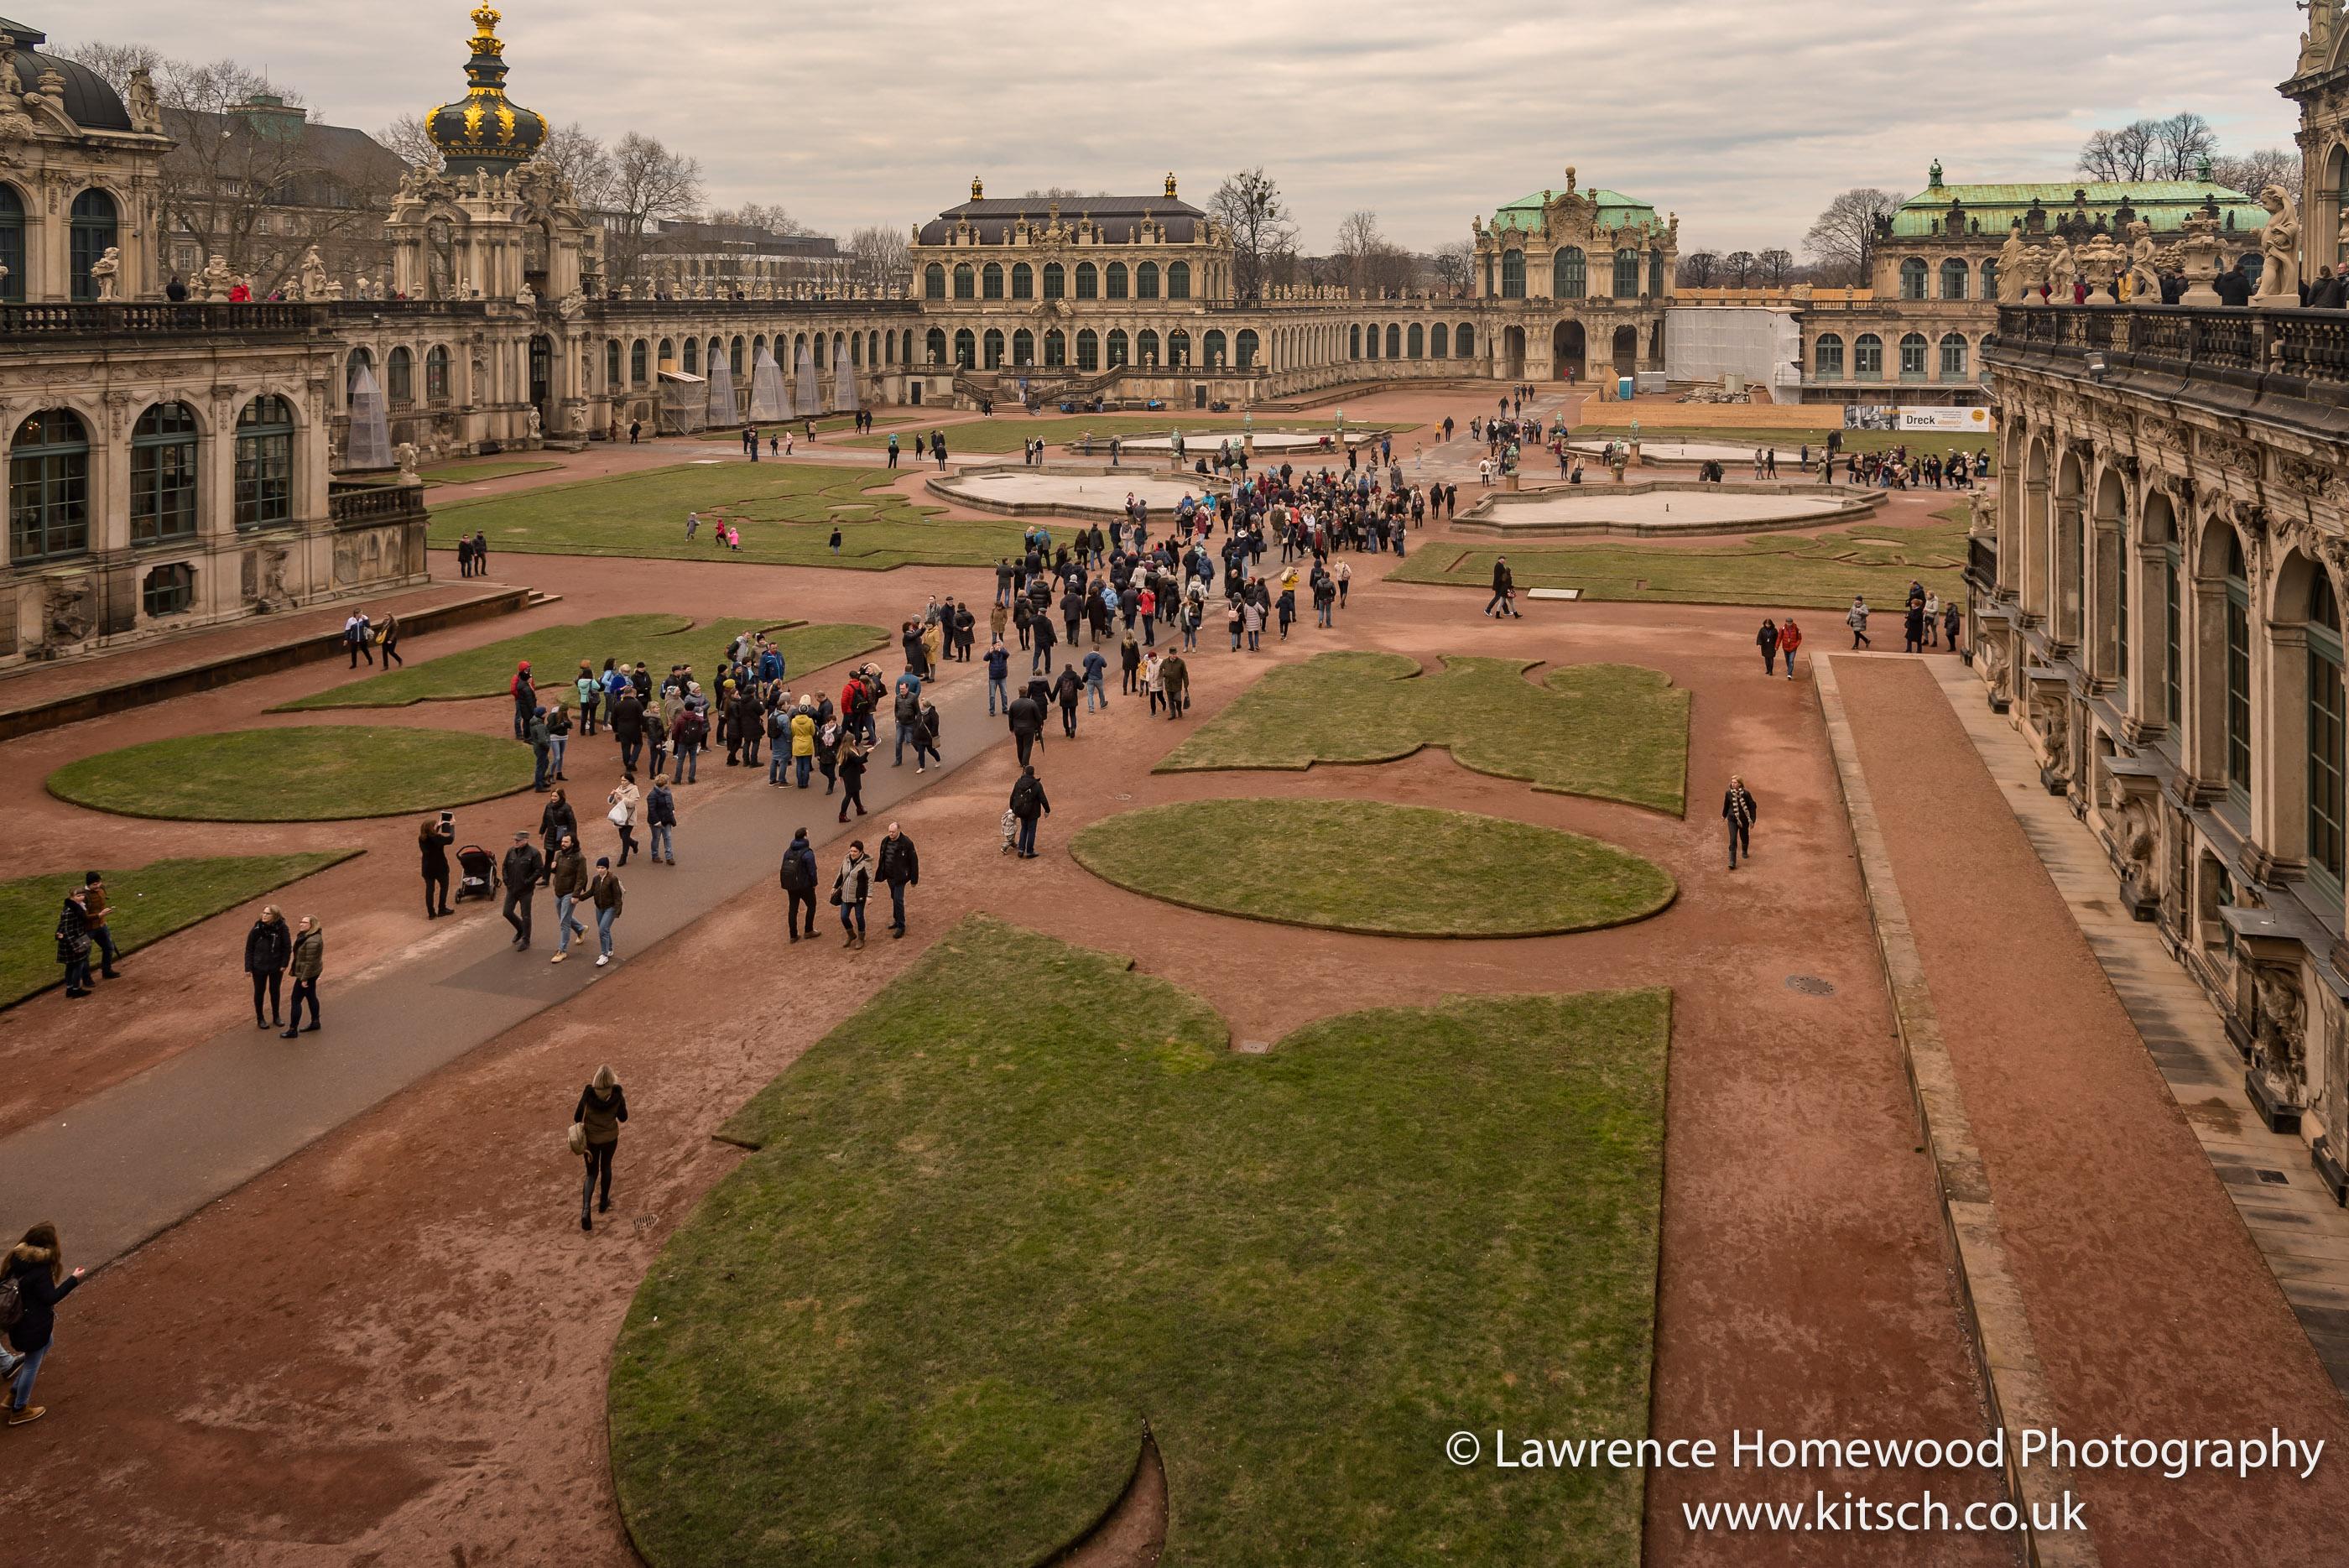 Dresden Zwinger and Gardens